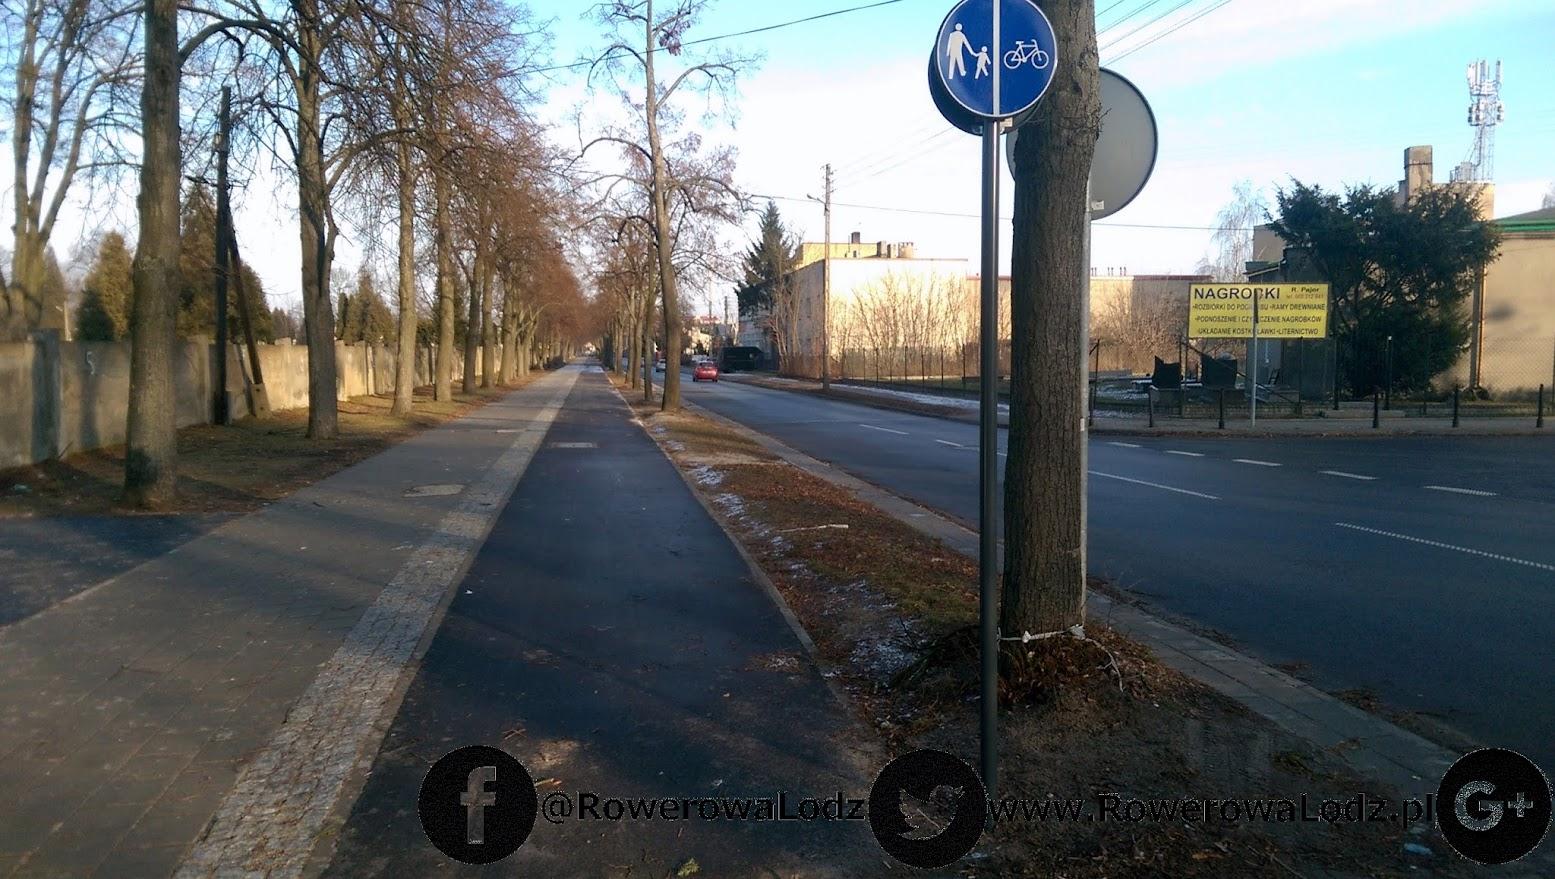 Czy naprawdę przy takiej lokalnej ulicy powinno się separować rowerzystów? W naszej ocenie NIE